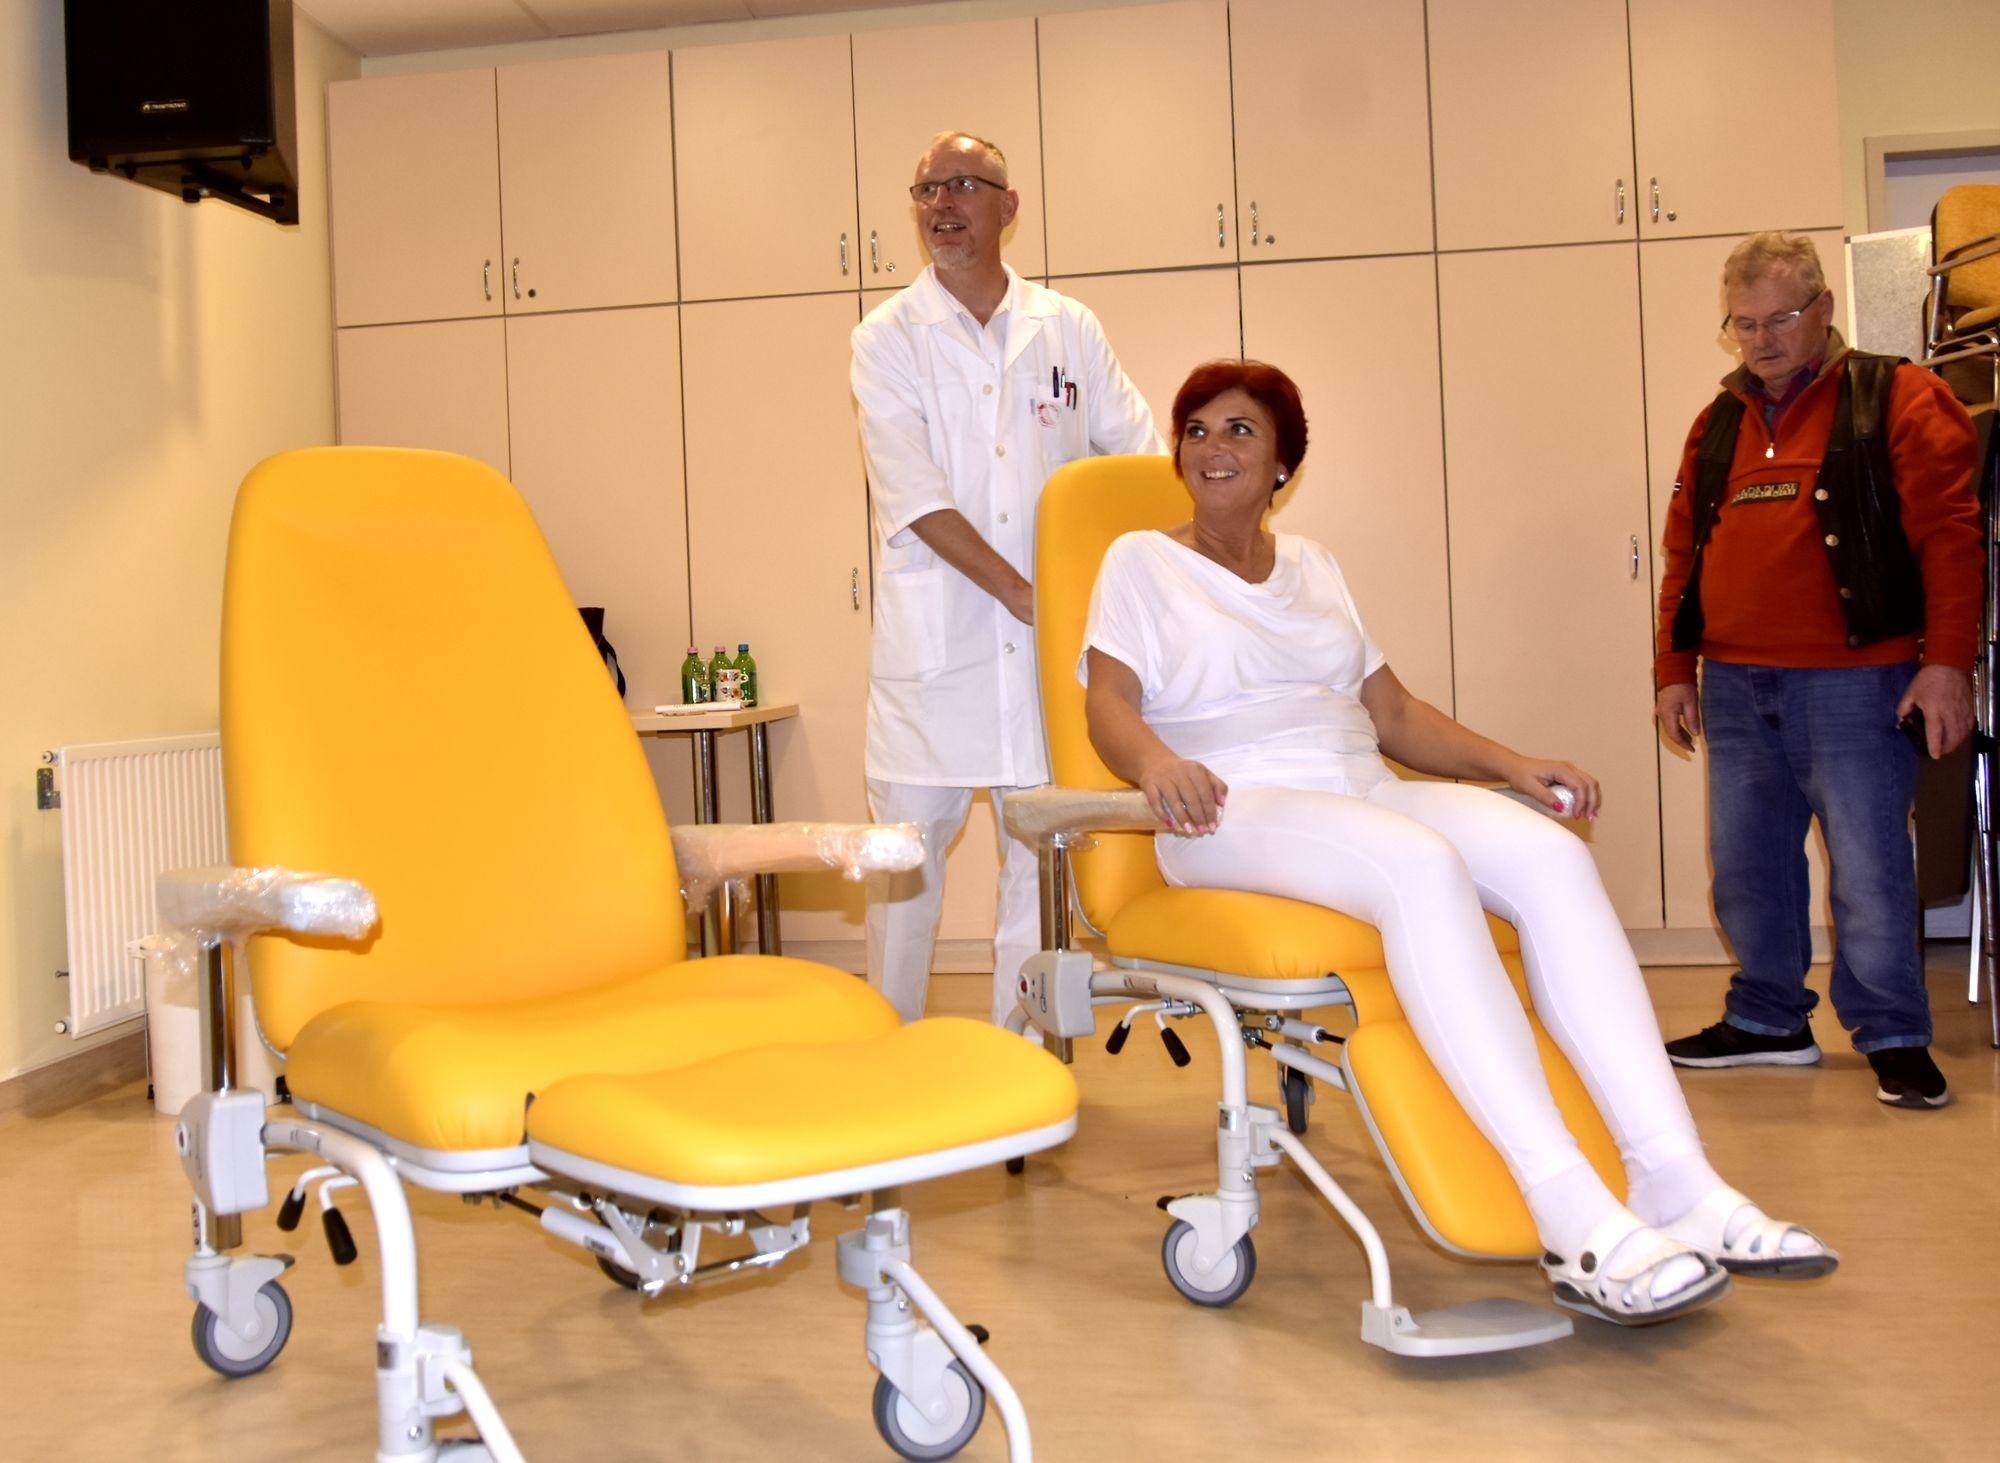 Két új kemoterápiás székkel gyarapodott a kecskeméti Onkoradiológiai Központ